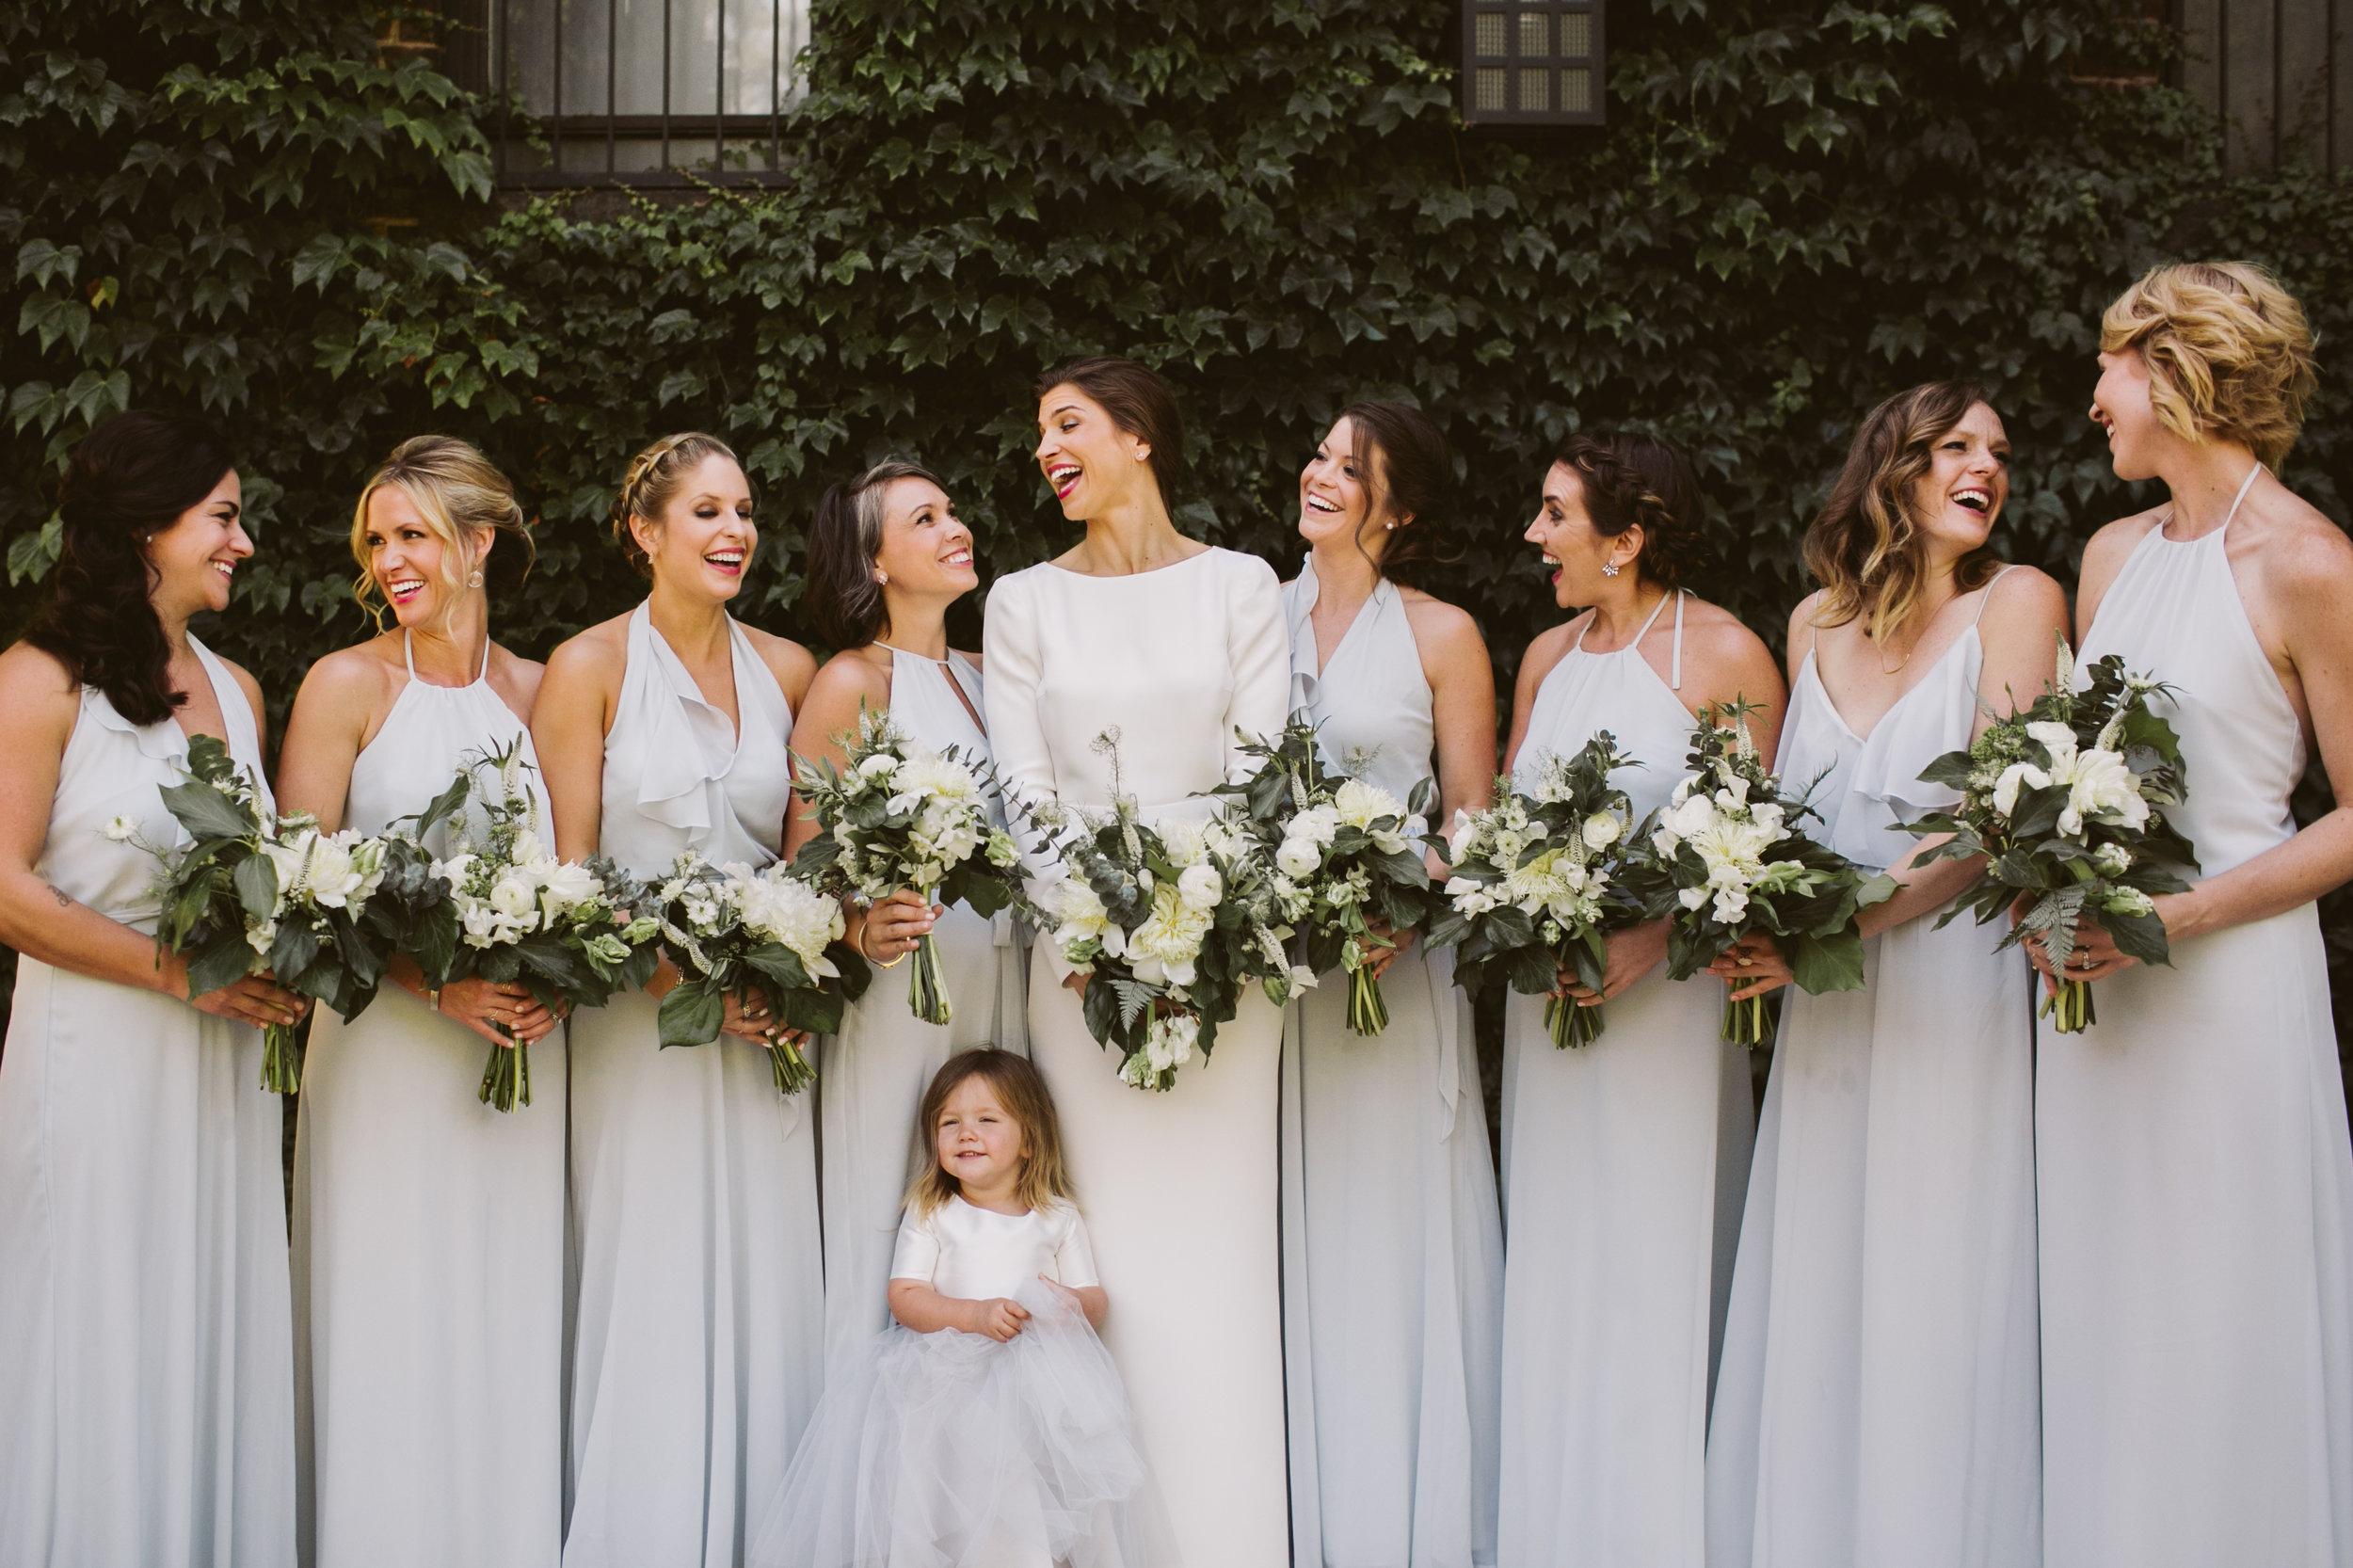 SA_WeddingParty-32.jpg